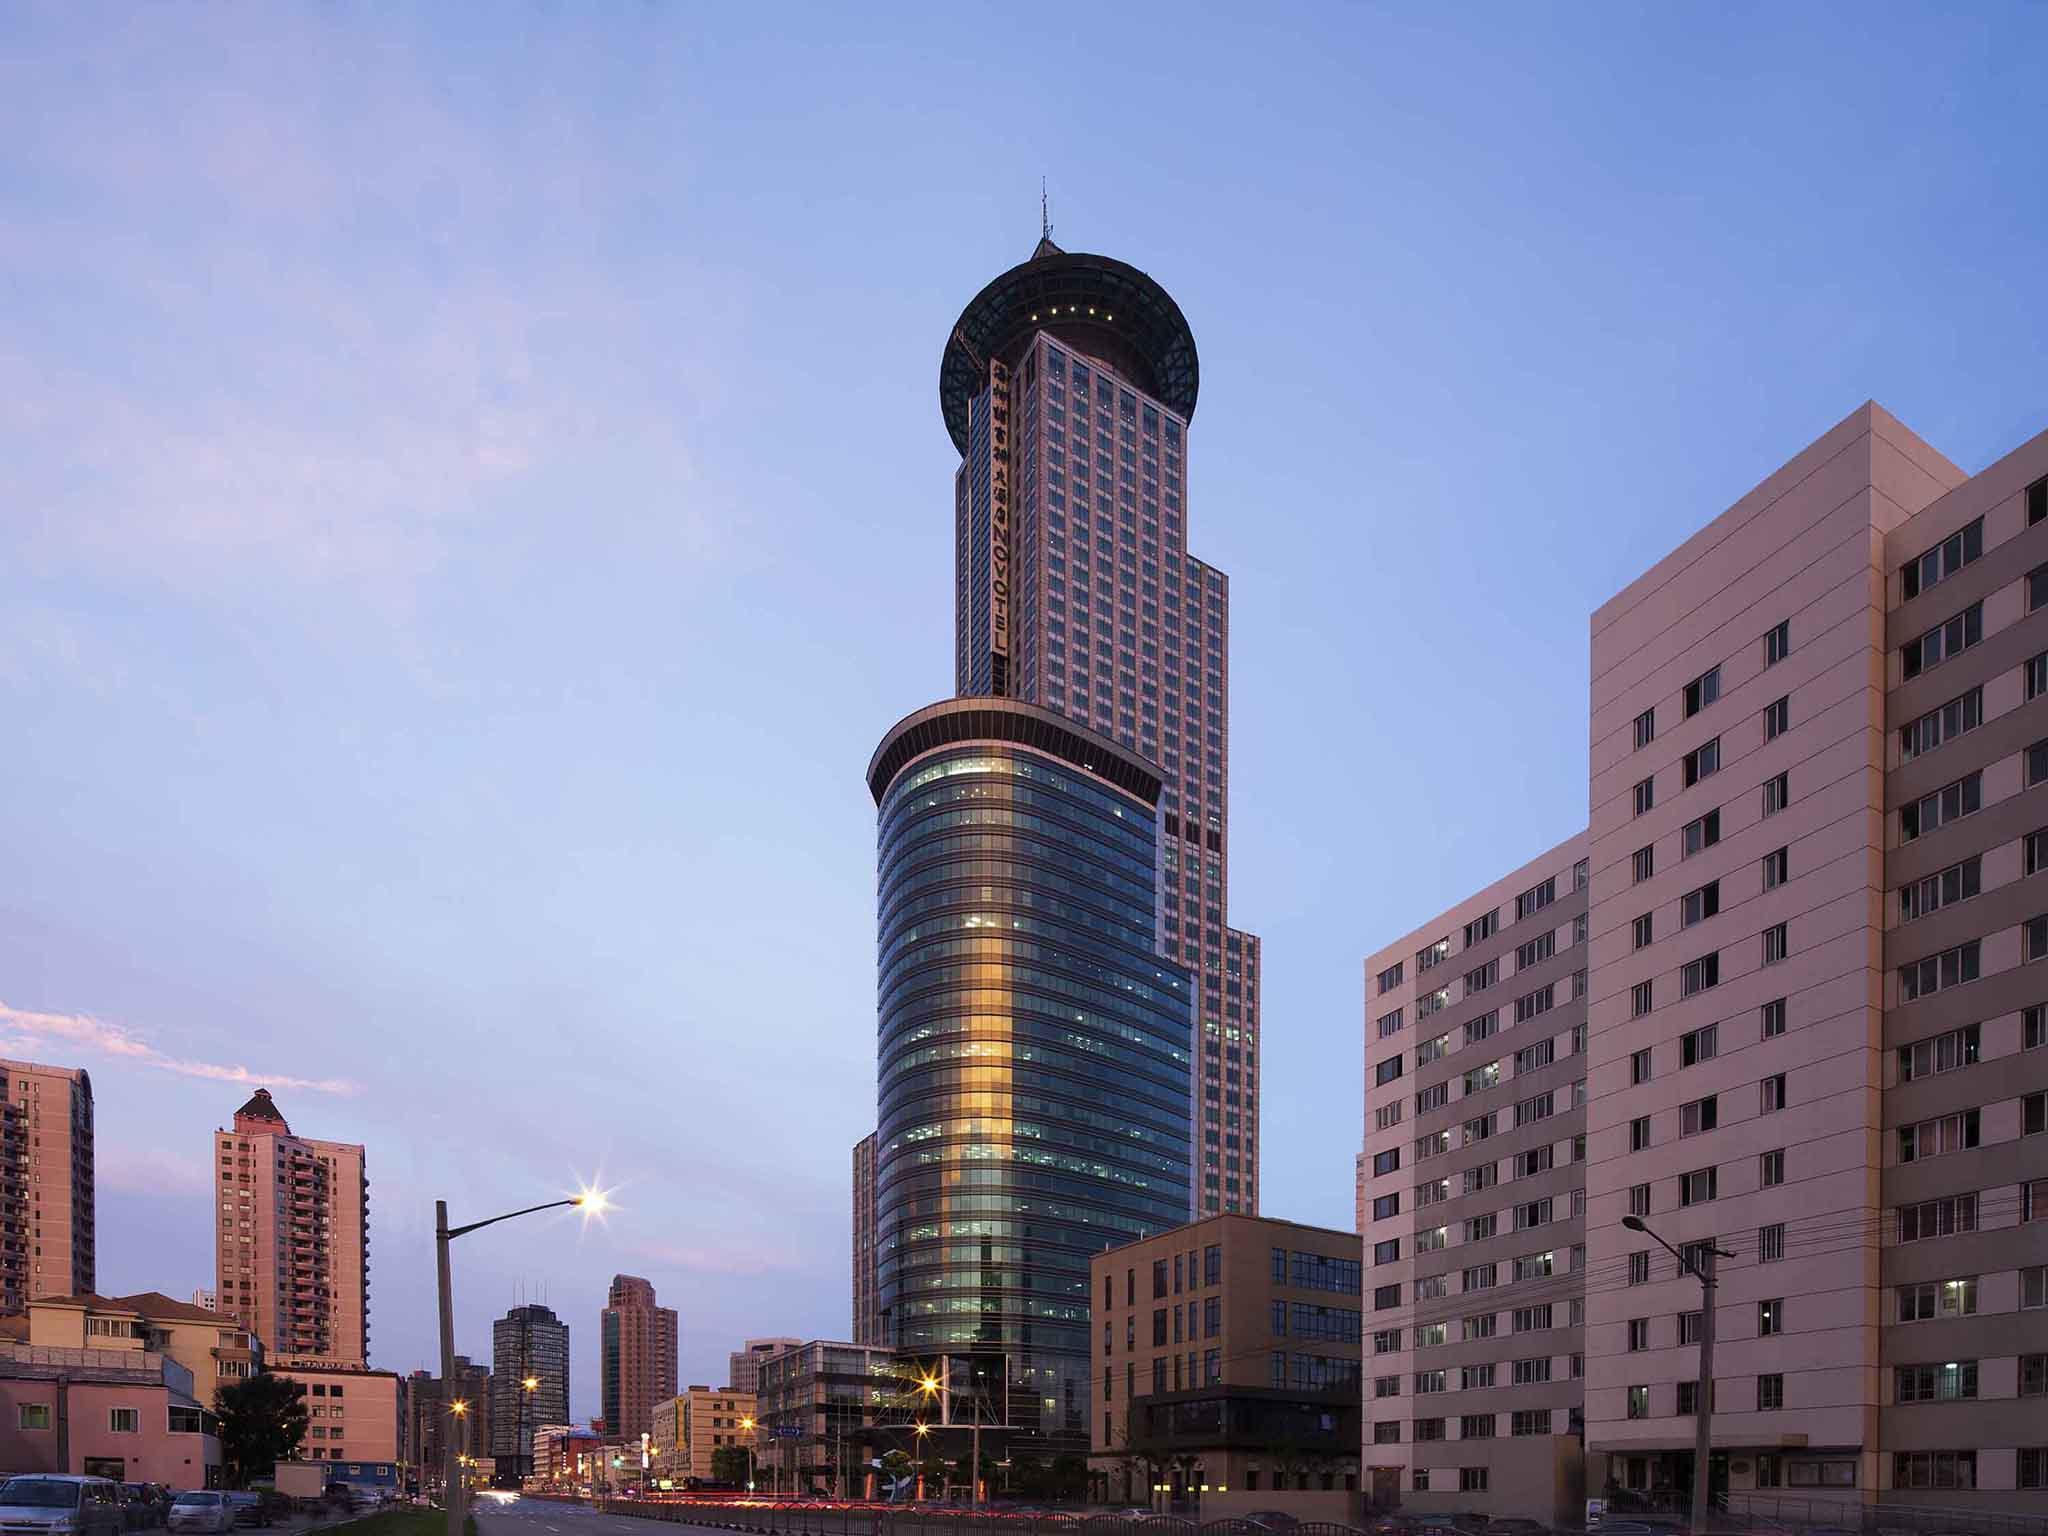 โรงแรม – โนโวเทล เซี่ยงไฮ้ แอตแลนติส